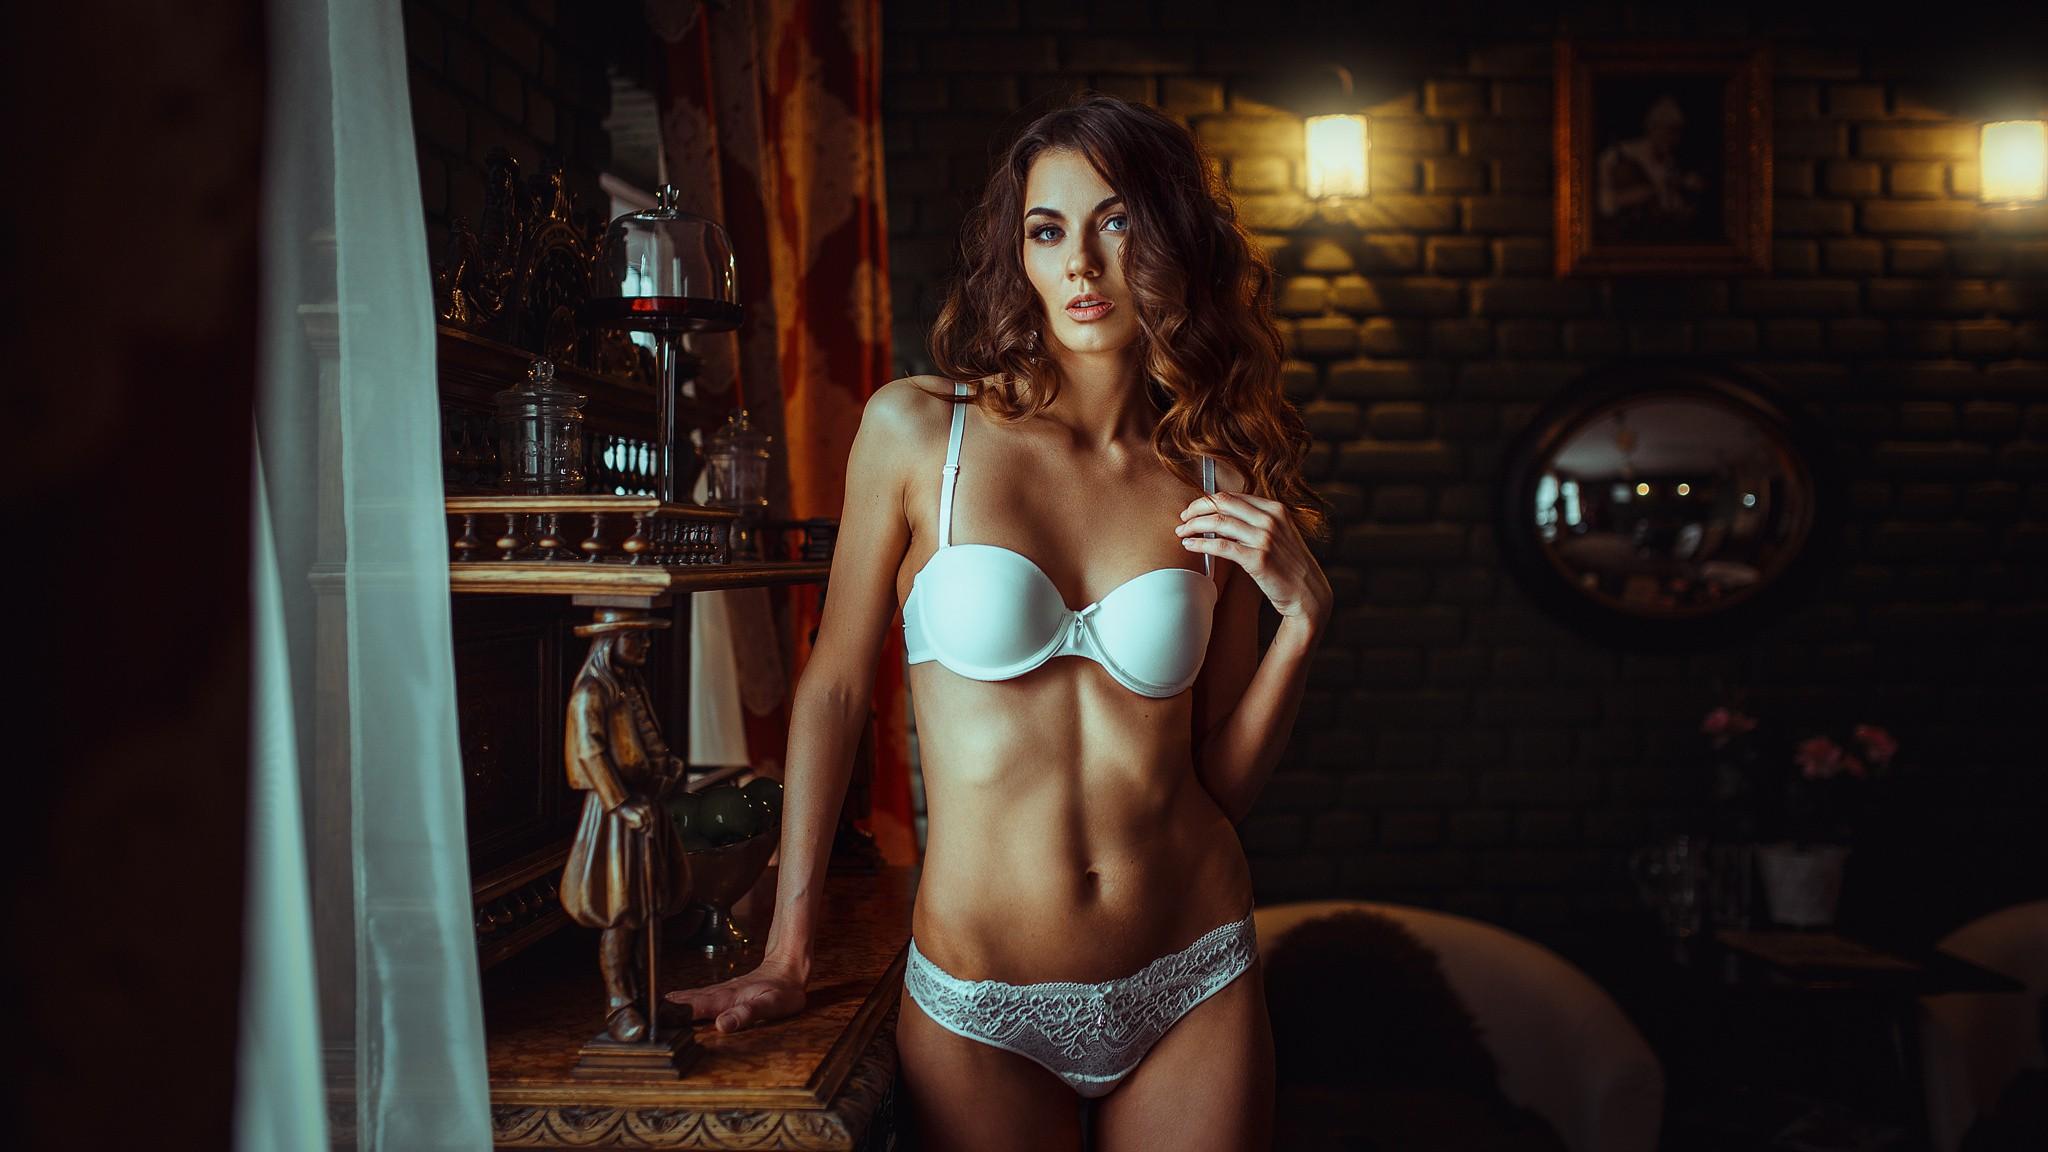 3bd11ff7b mulheres modelo retrato morena lingerie Pessoa Roupa de banho roupas  Supermodelo Lingerie branca beleza imagem músculo